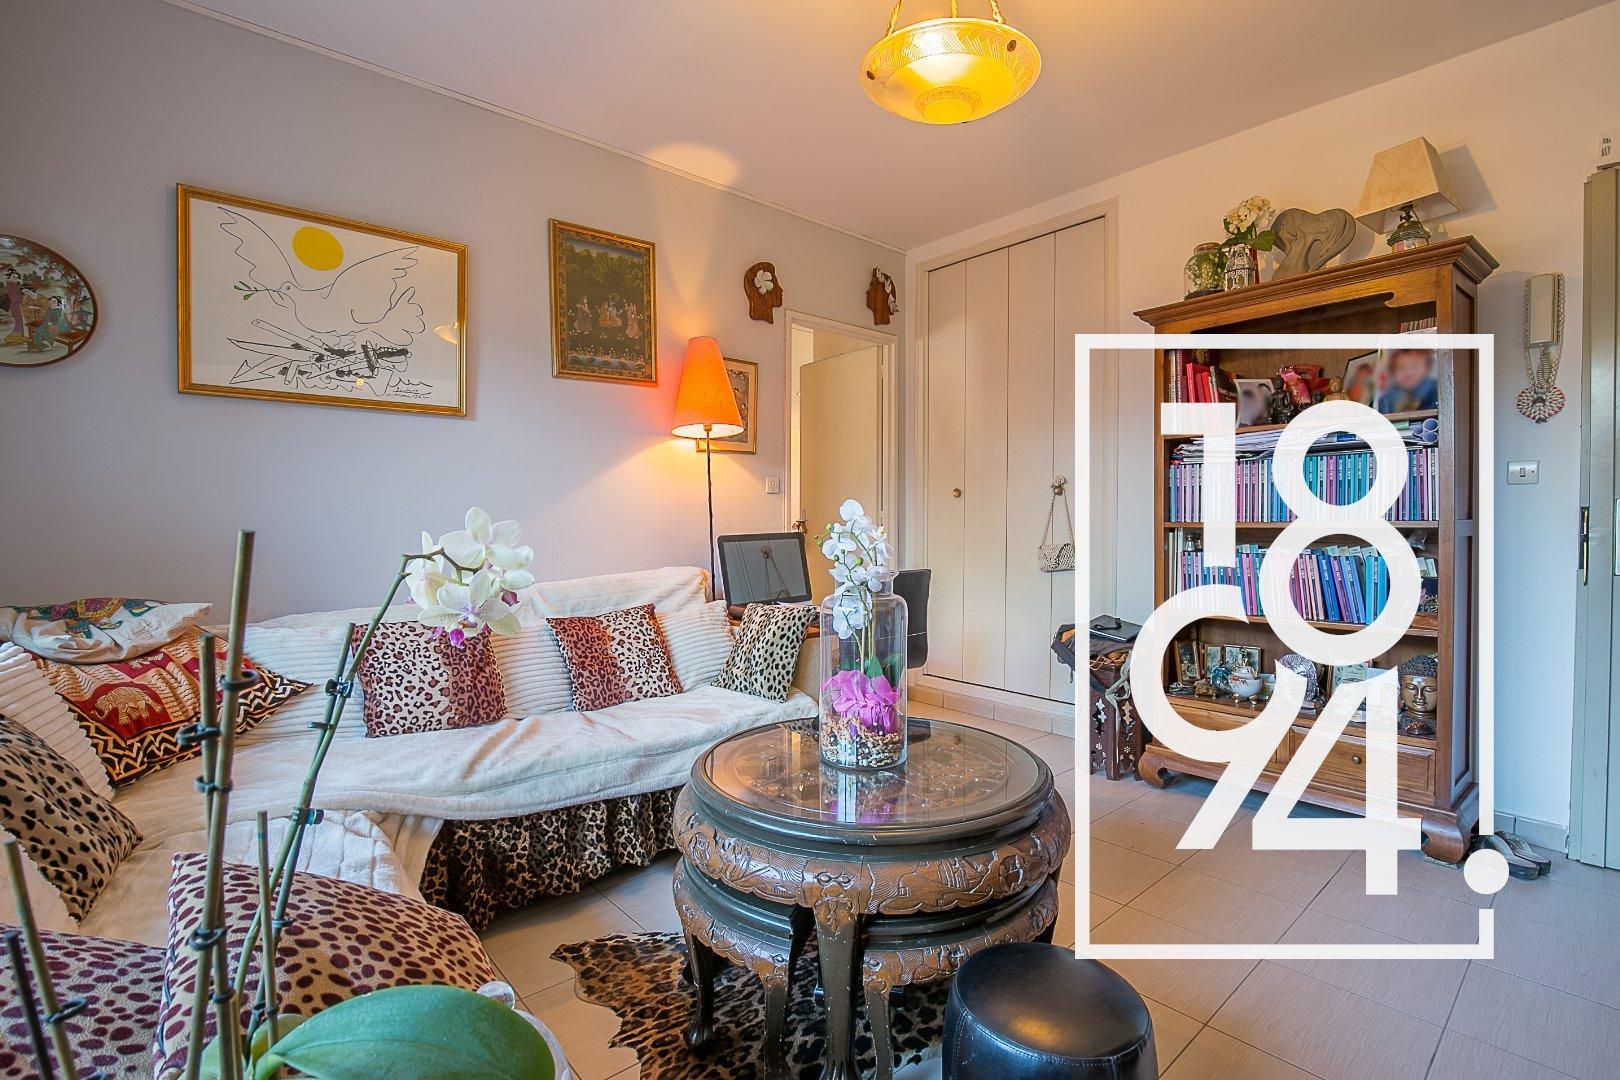 Appartement T2, 39 m2 avec terrasse et cave proche centre ville